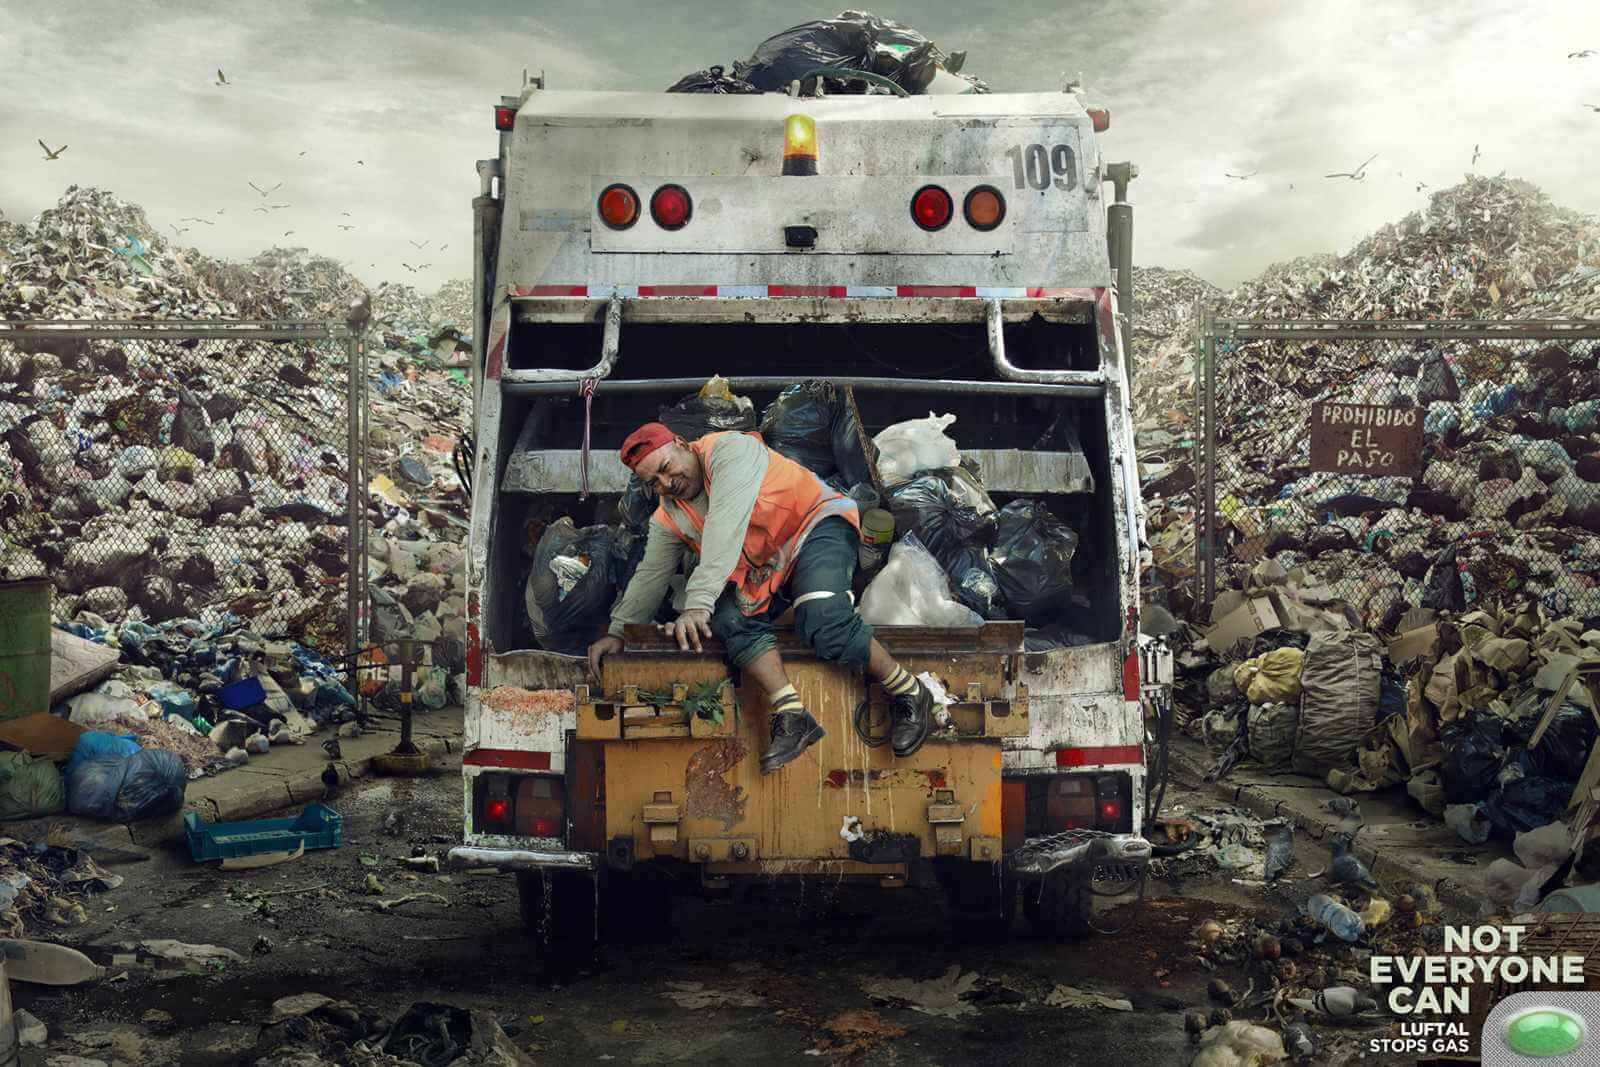 #CuandoLaPublicidad: Se fusiona con el ambiente.